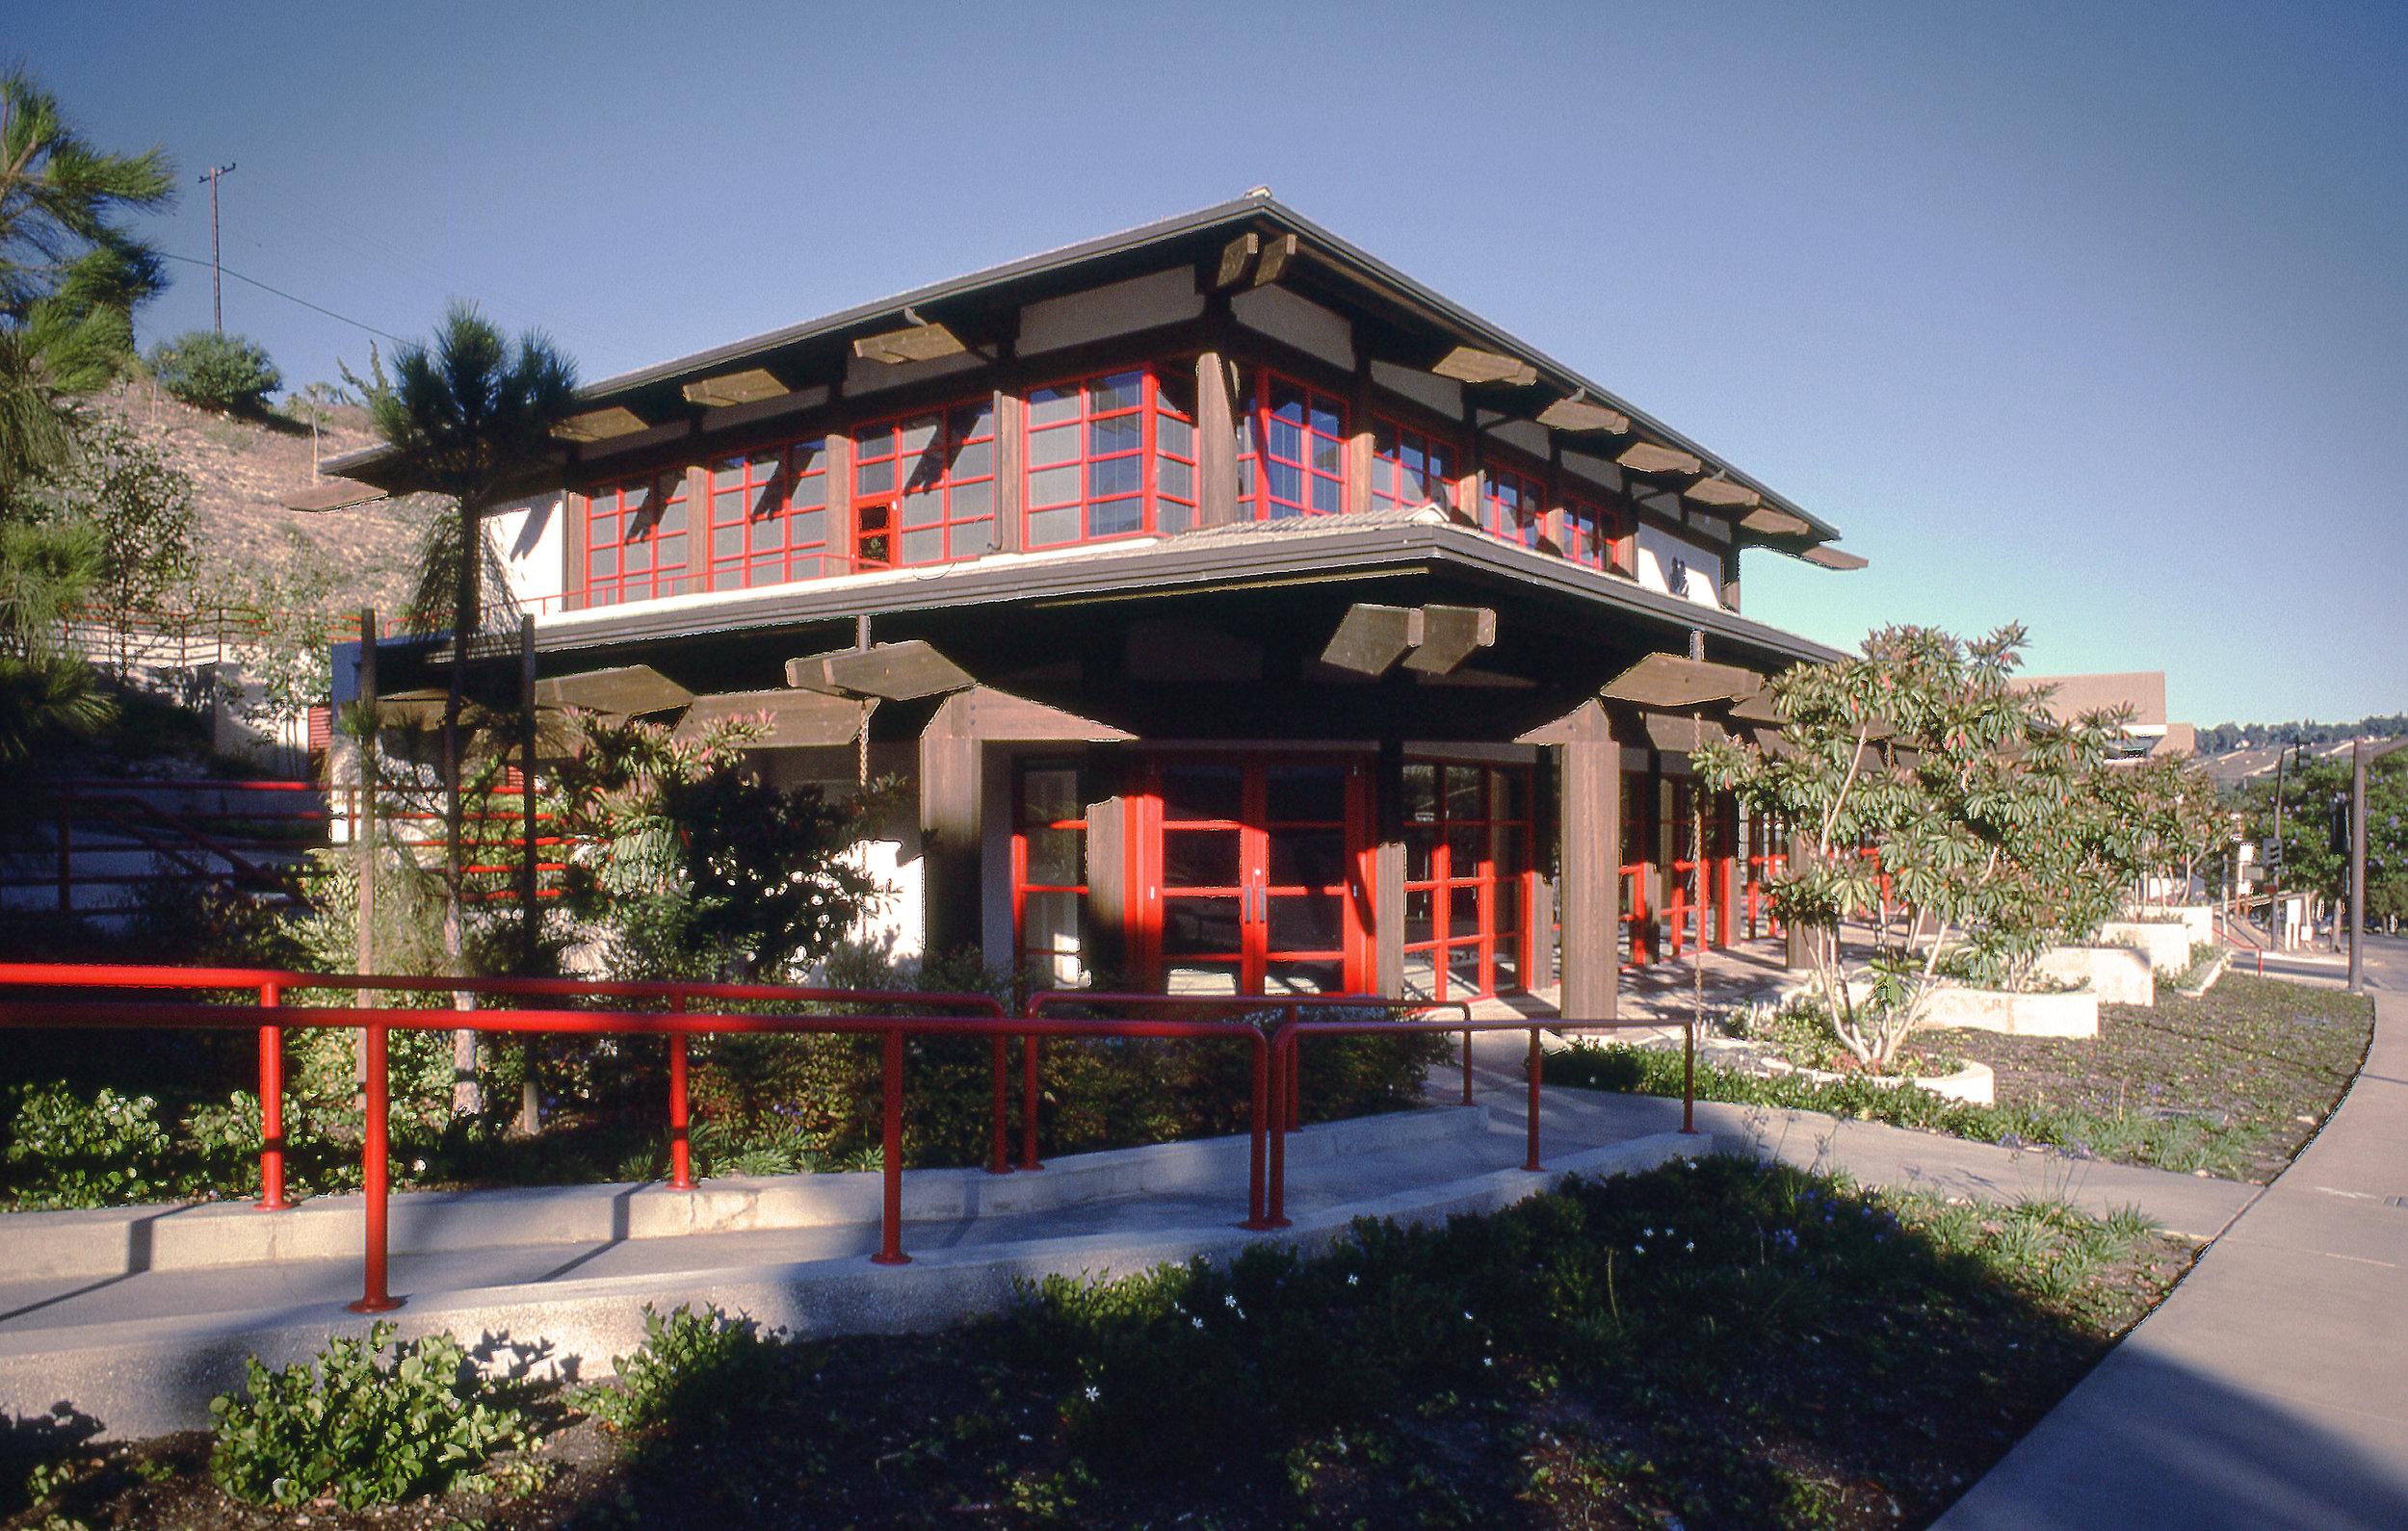 OFFICE BUILDING - RANCHO PALOS VERDES, CA